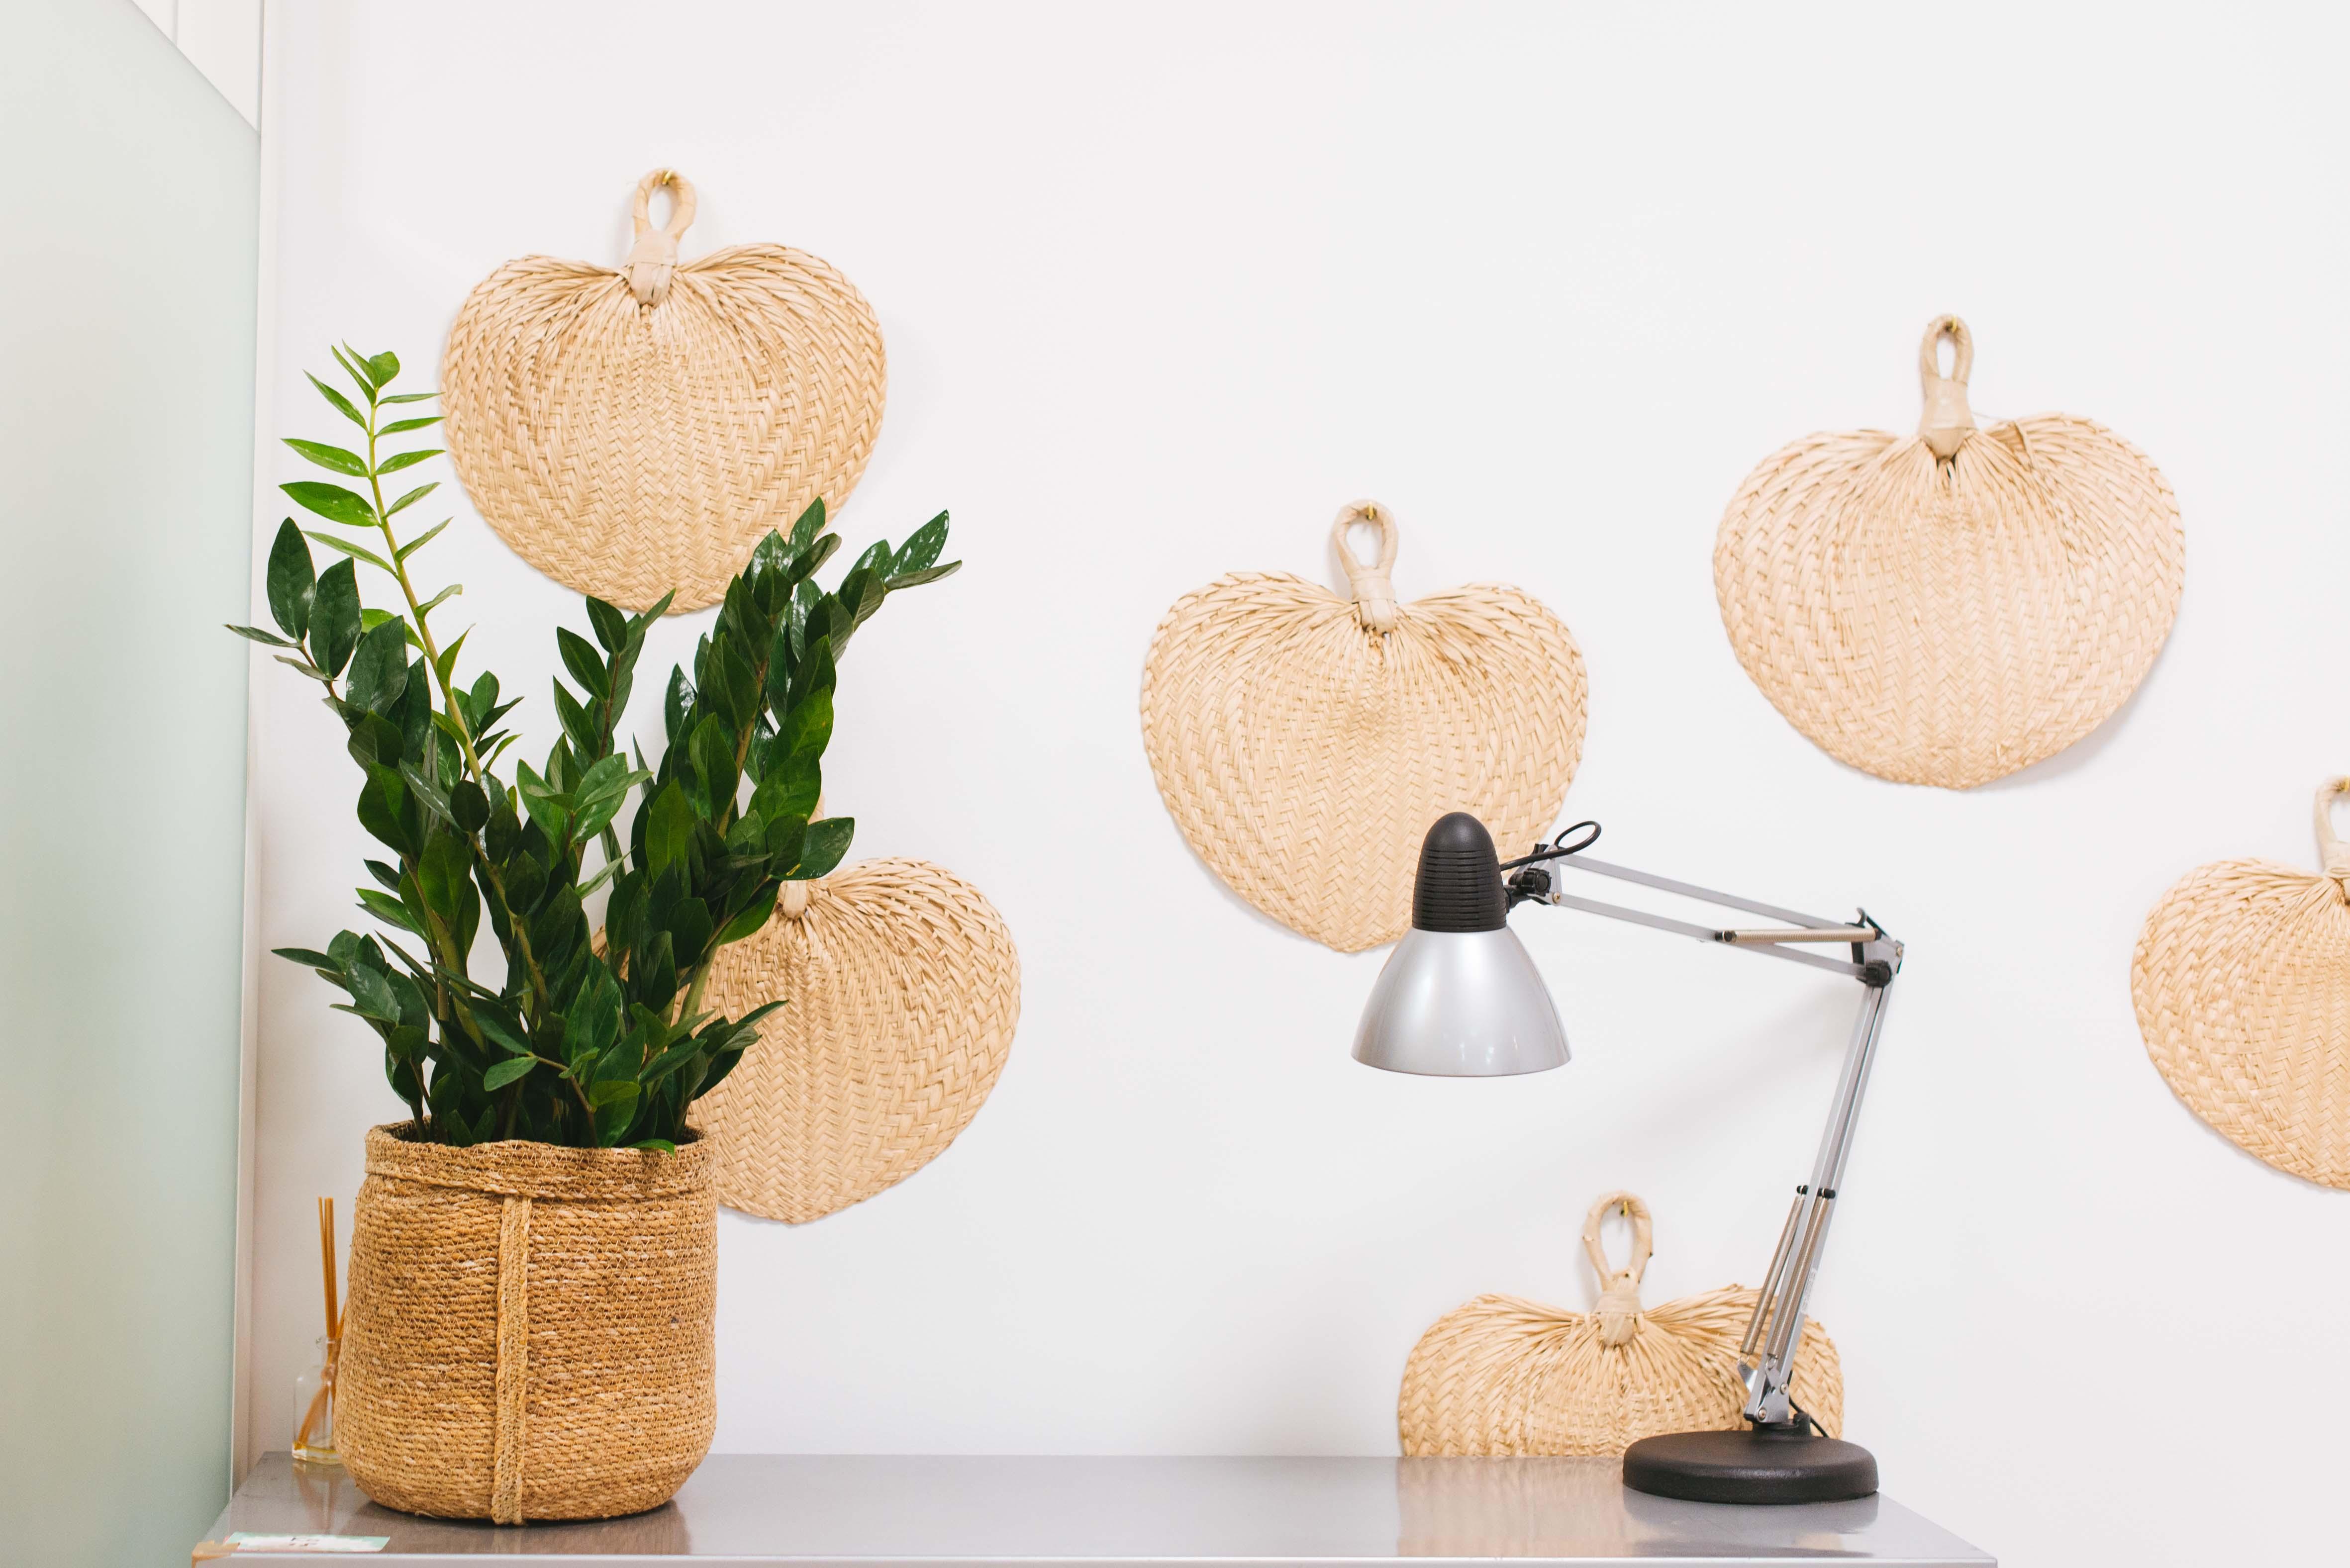 decoration vegetale paris